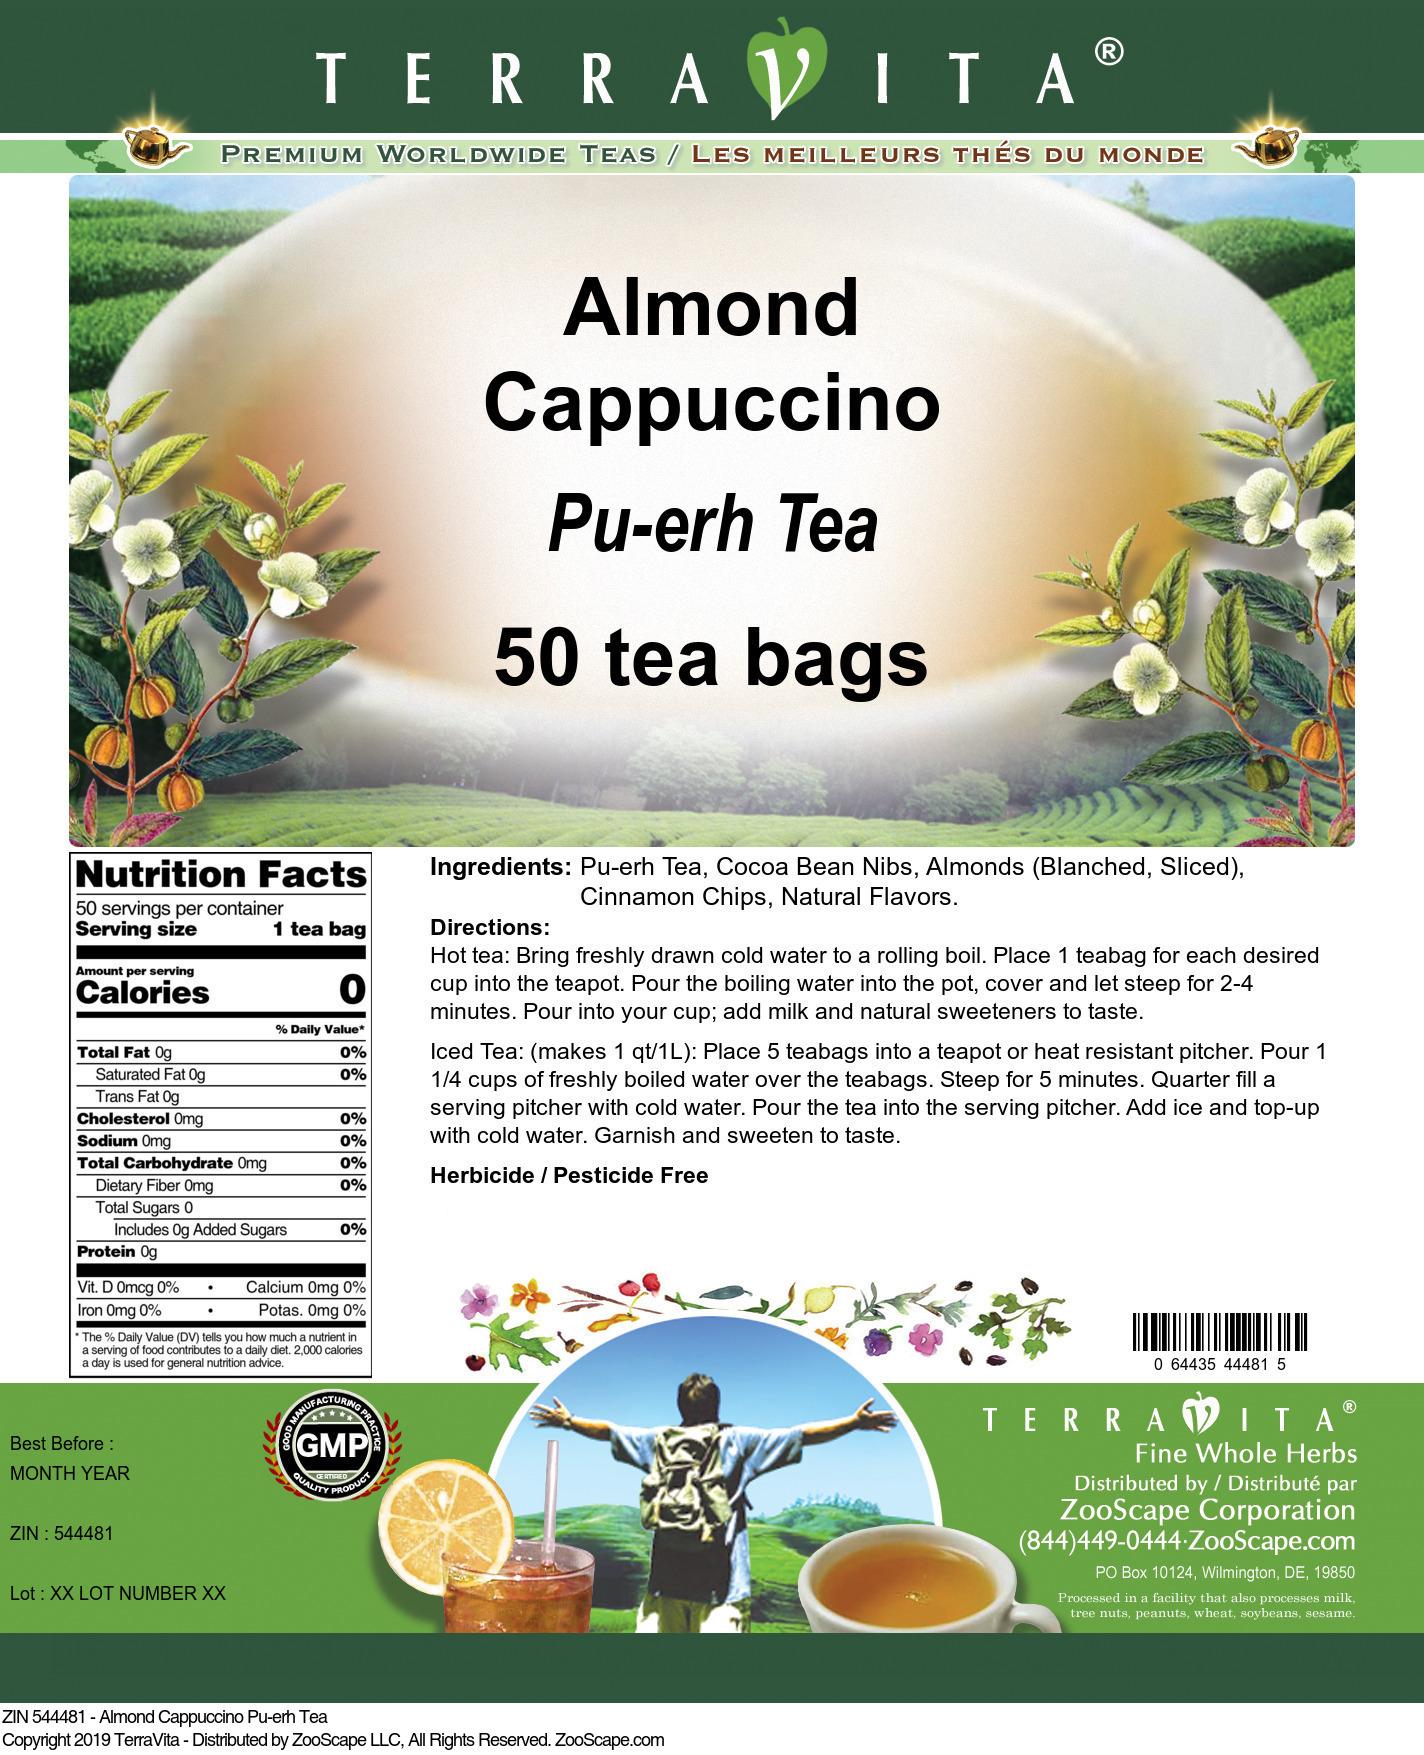 Almond Cappuccino Pu-erh Tea